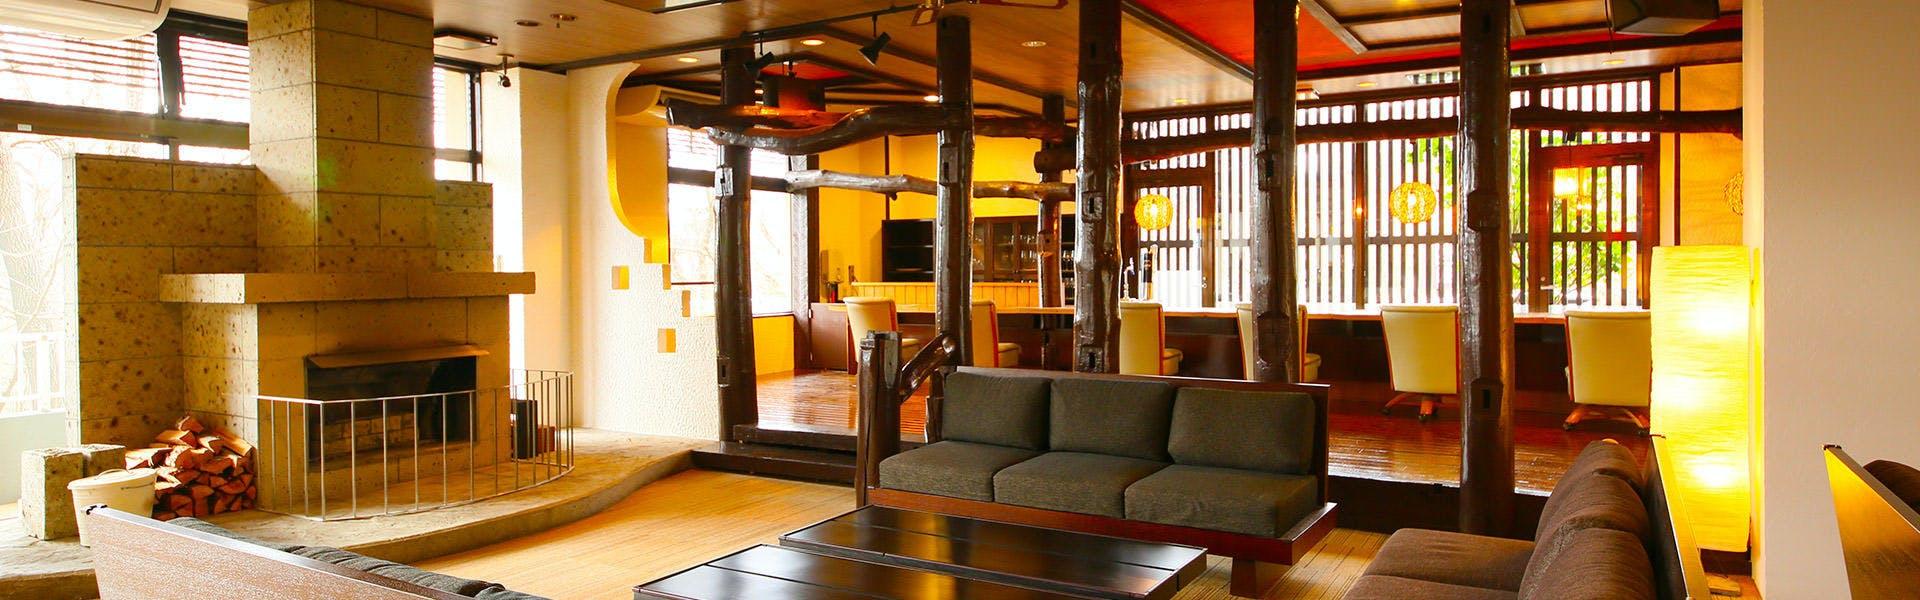 記念日におすすめのホテル・那須いちやホテルの写真3